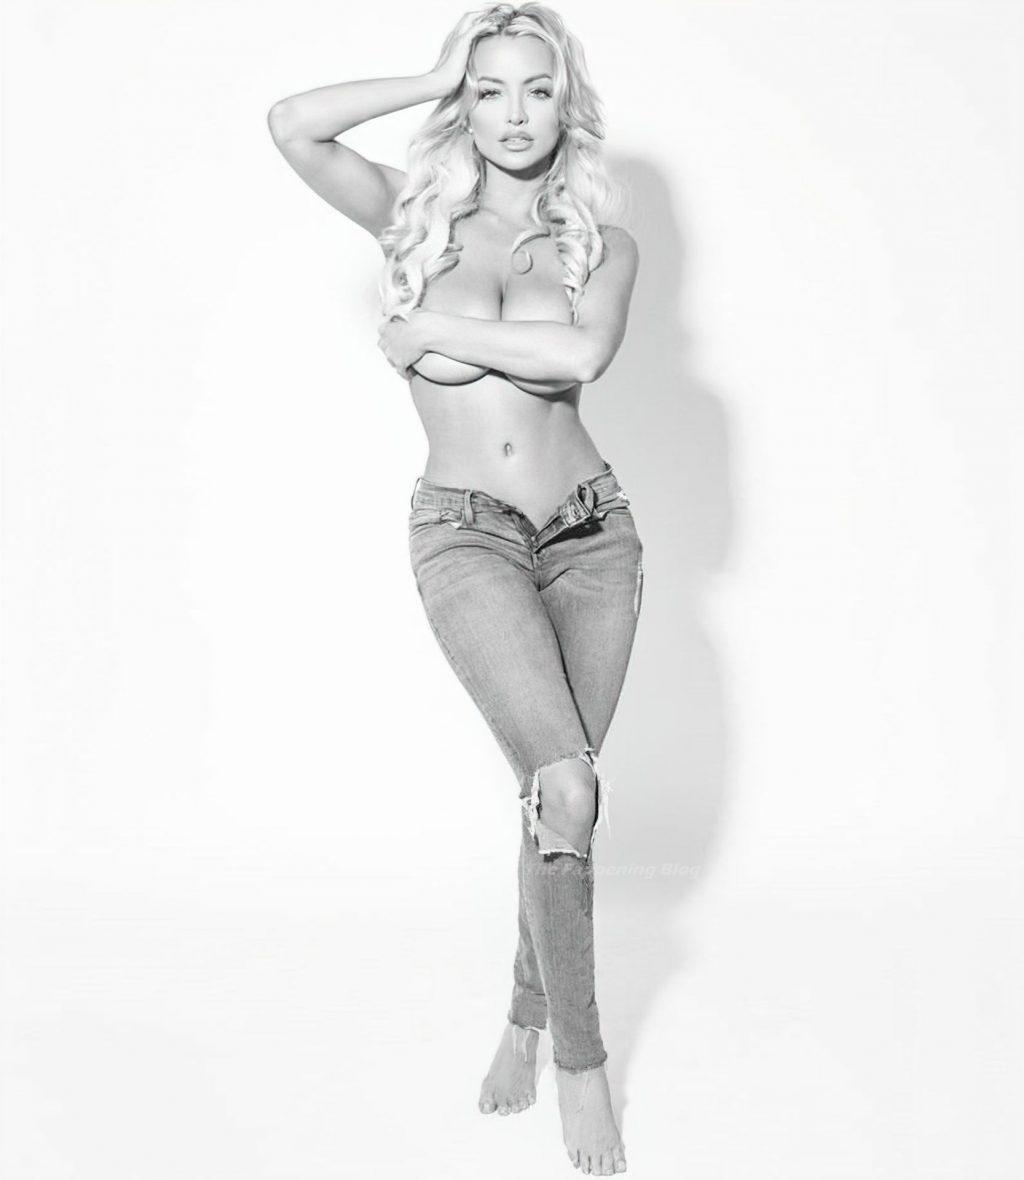 Lindsey Pelas Topless (16 Photos)